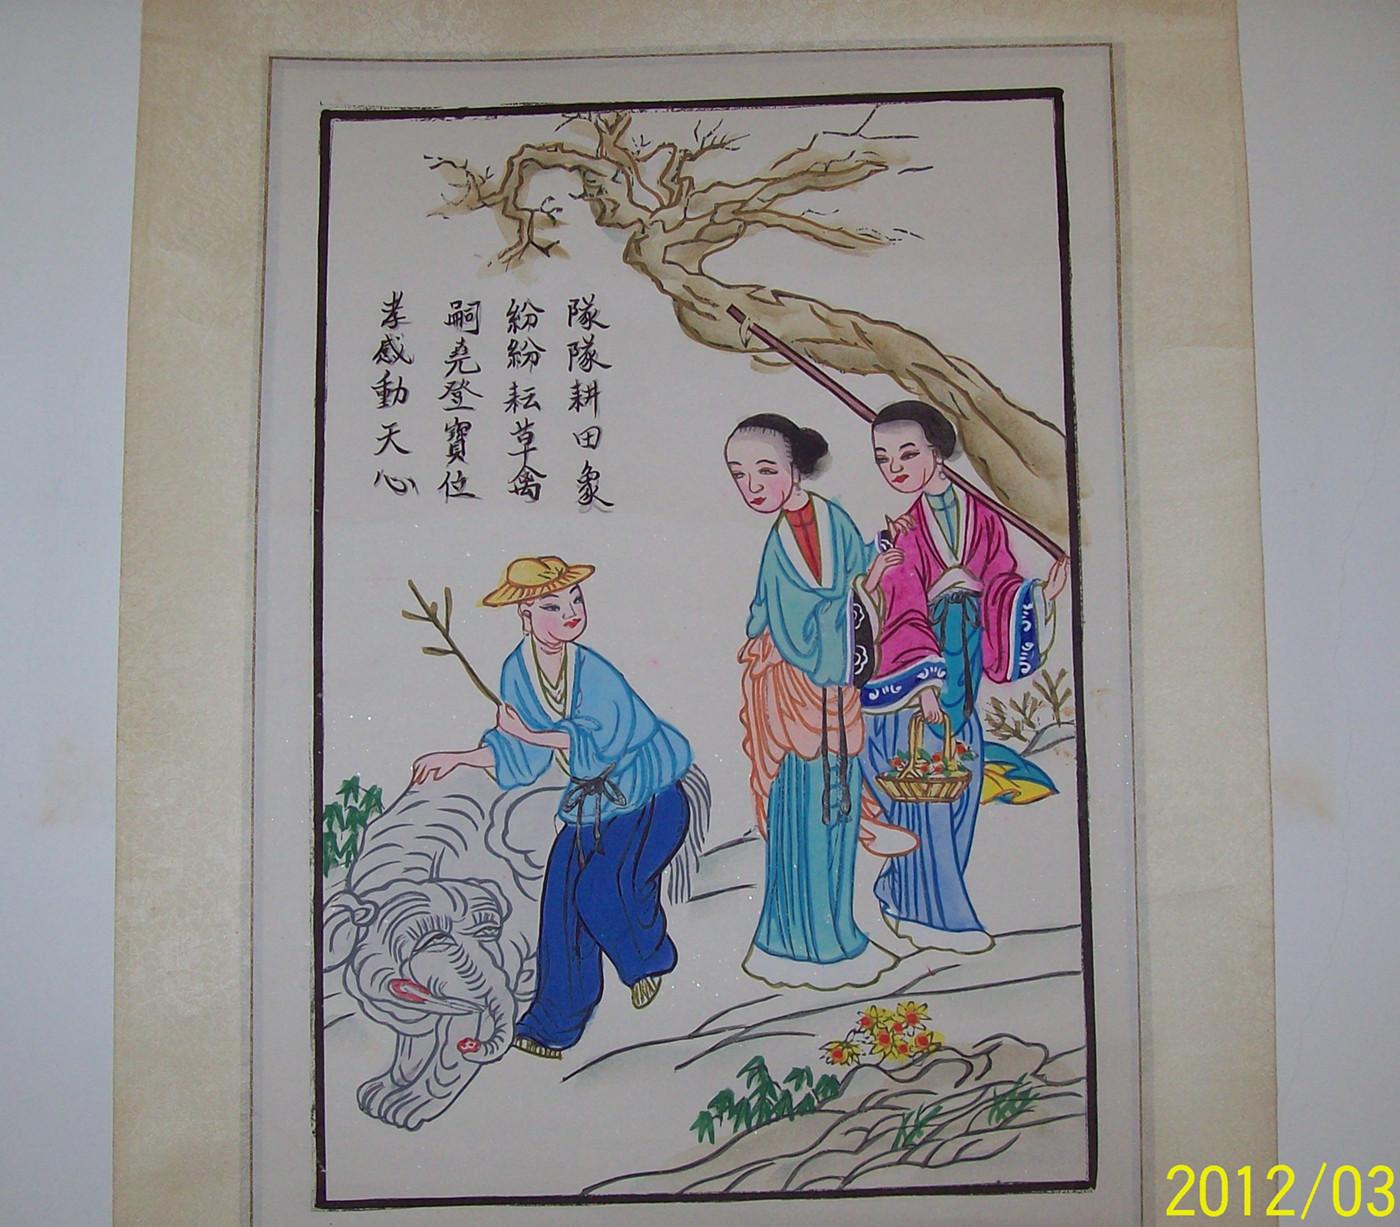 绵竹木版年画李芳福24孝舜孝感动天 字画 书法 已装裱图片